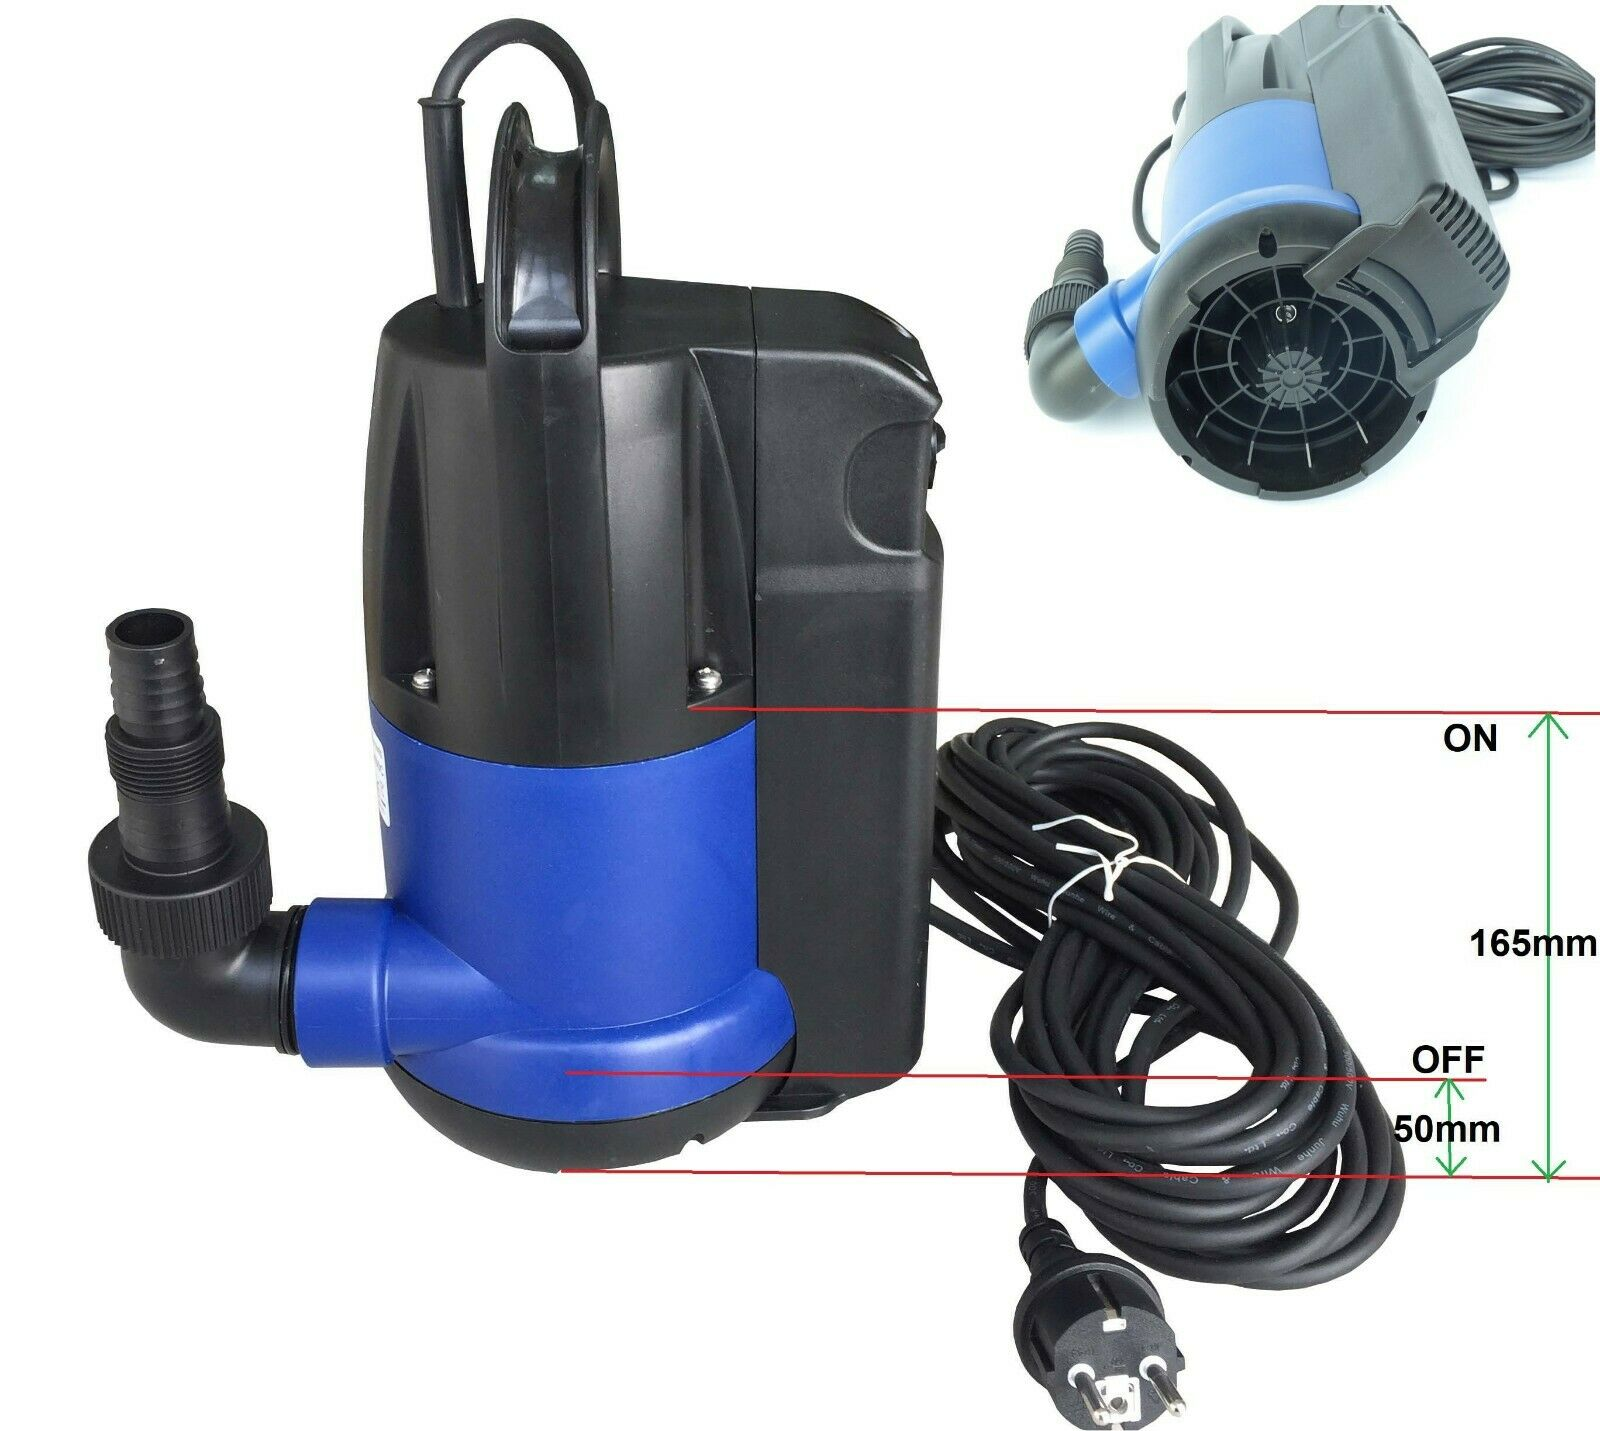 Chm GmbH  sumergible 400 vatios flachsaugpumpe con interruptor de flotador integrado